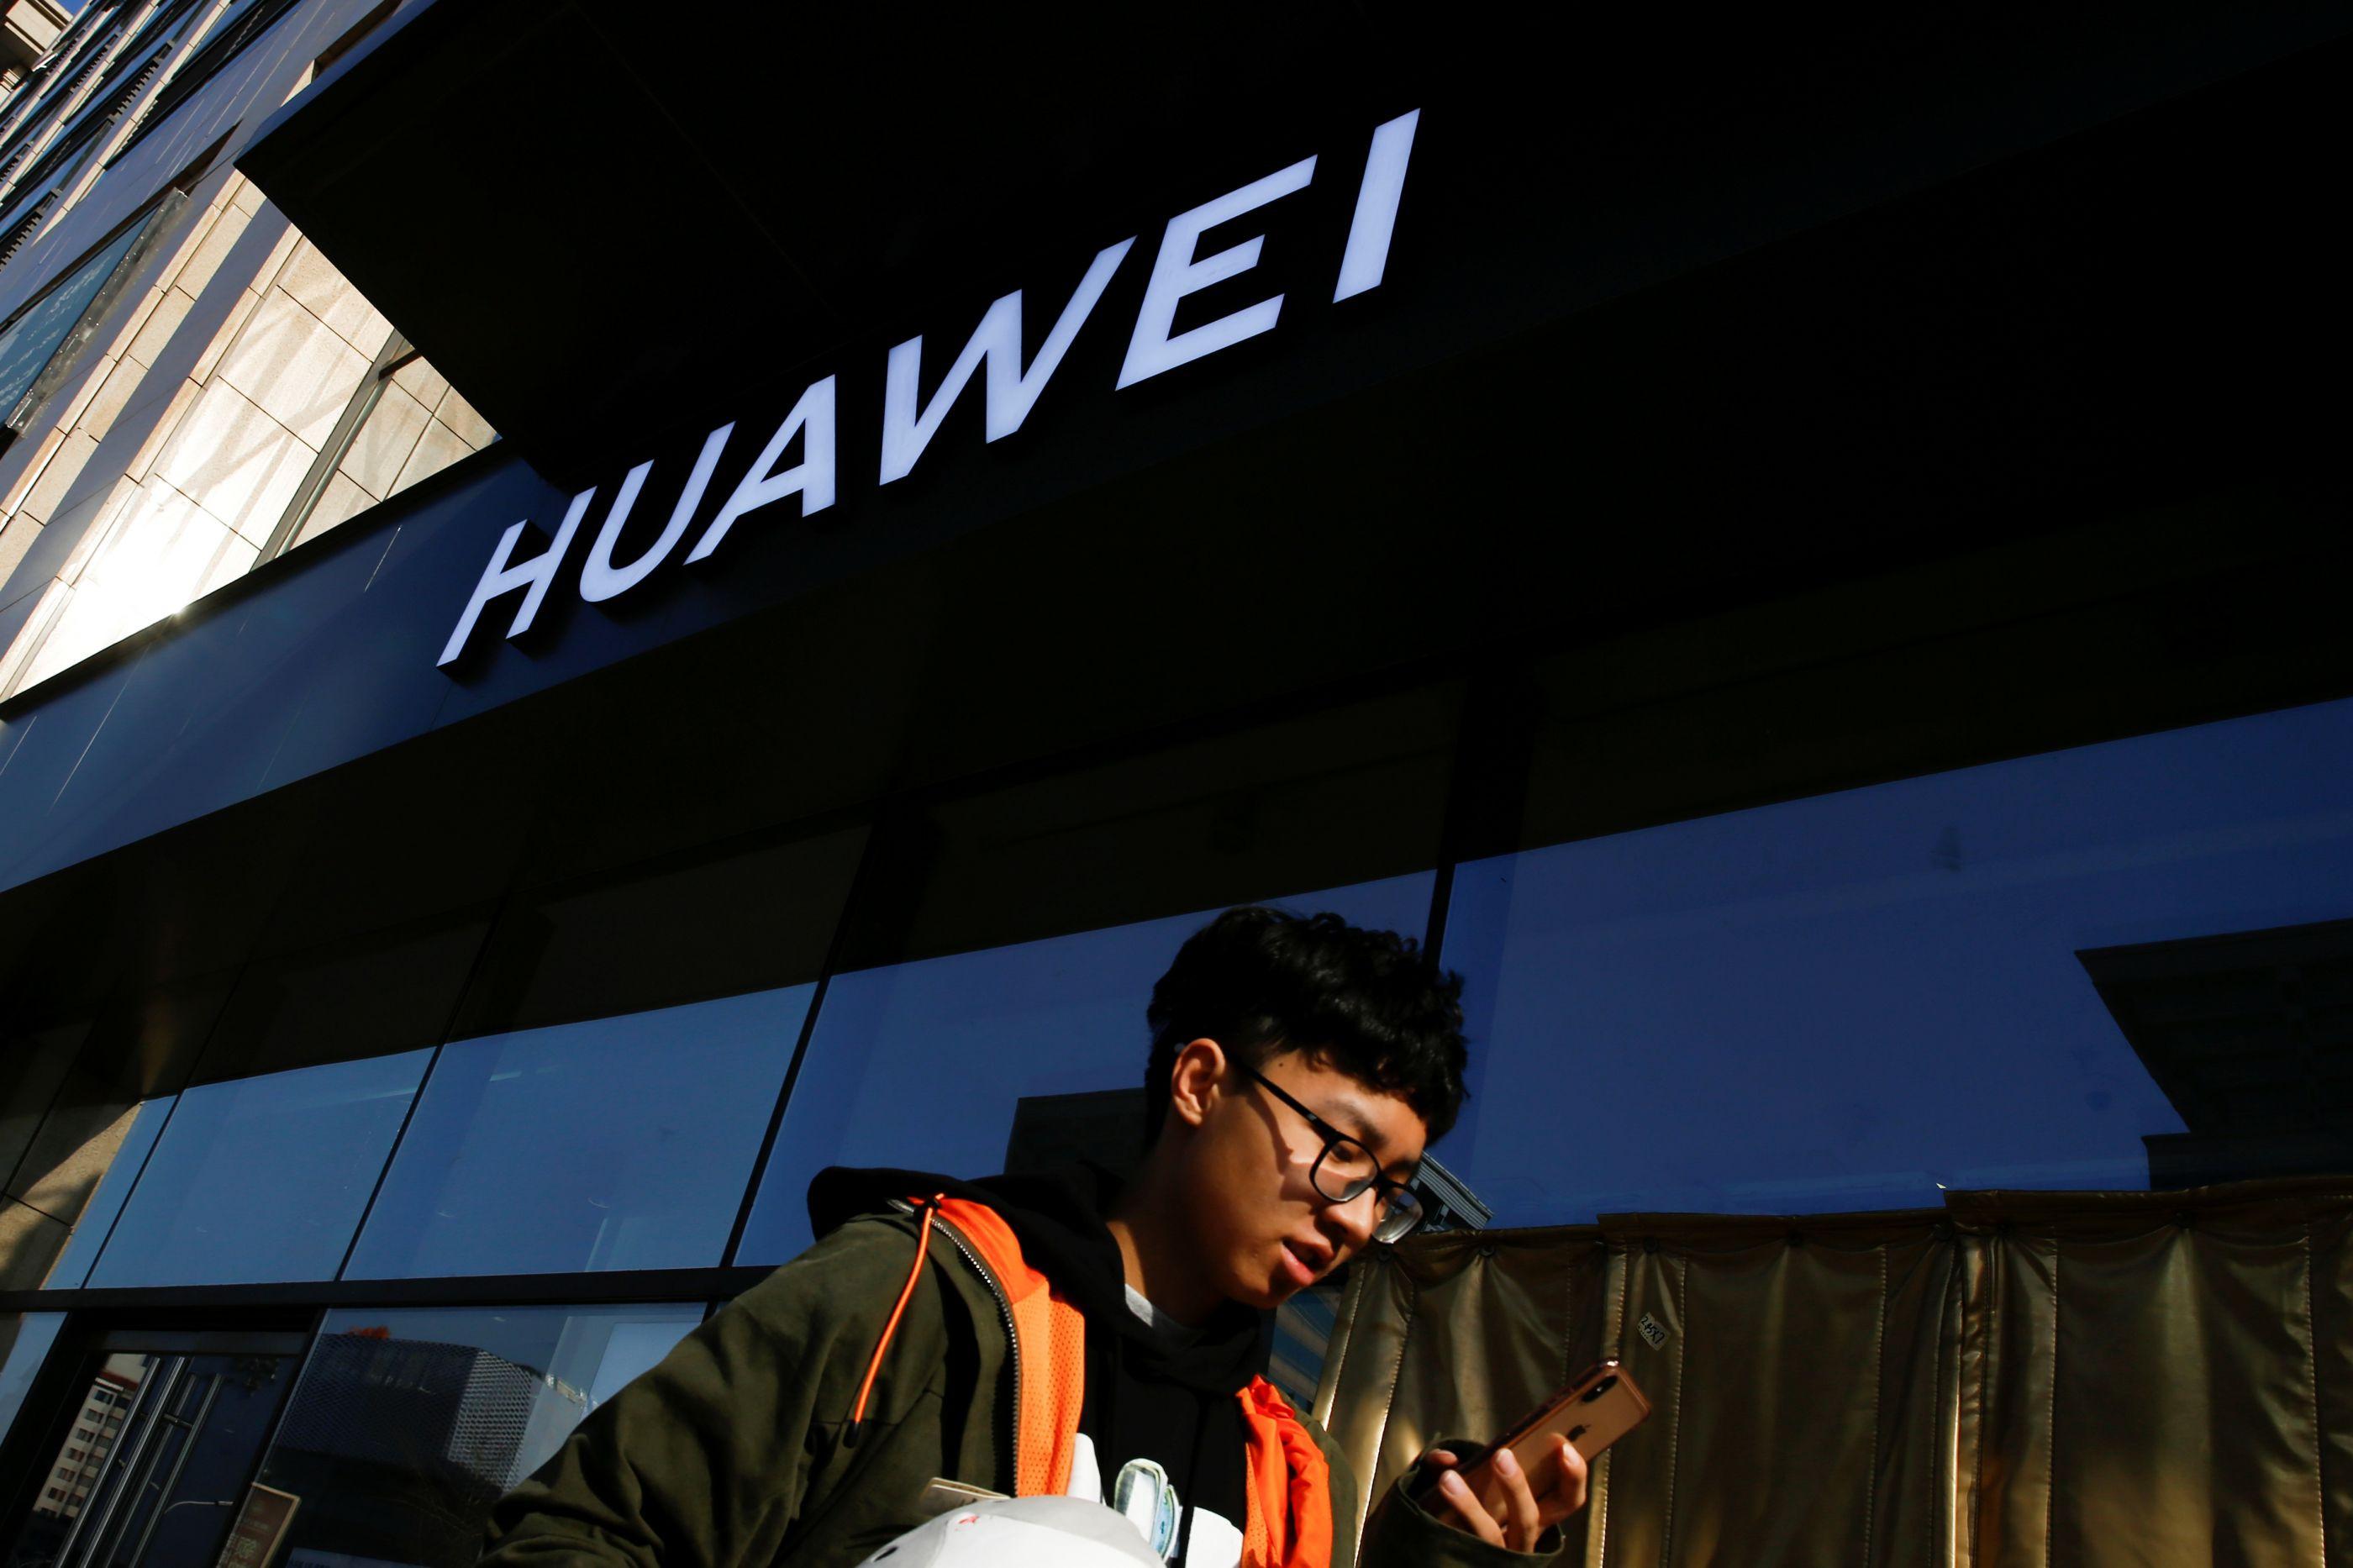 Huawei prevê vendas a operadoras a crescer pelo menos 10% com 5G